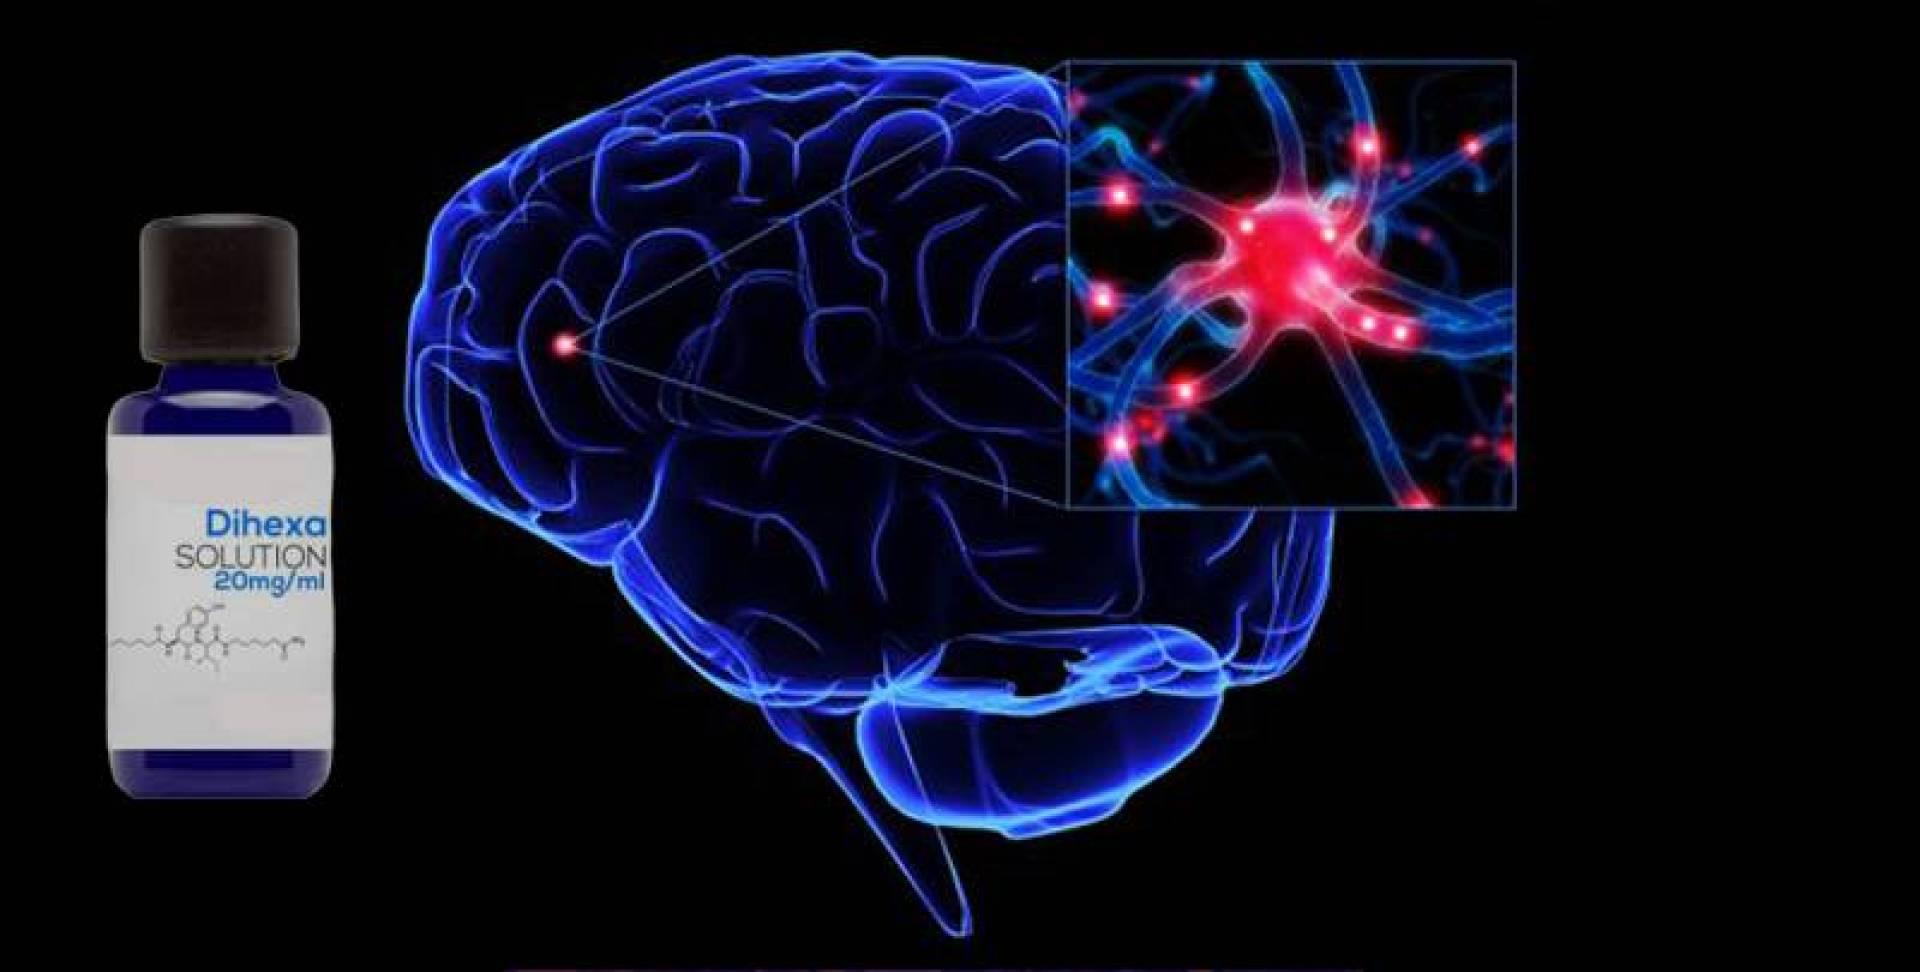 «Dihexa».. كريم طبي يساعد في تعلم اللغات ويعالج فقدان الذاكرة!